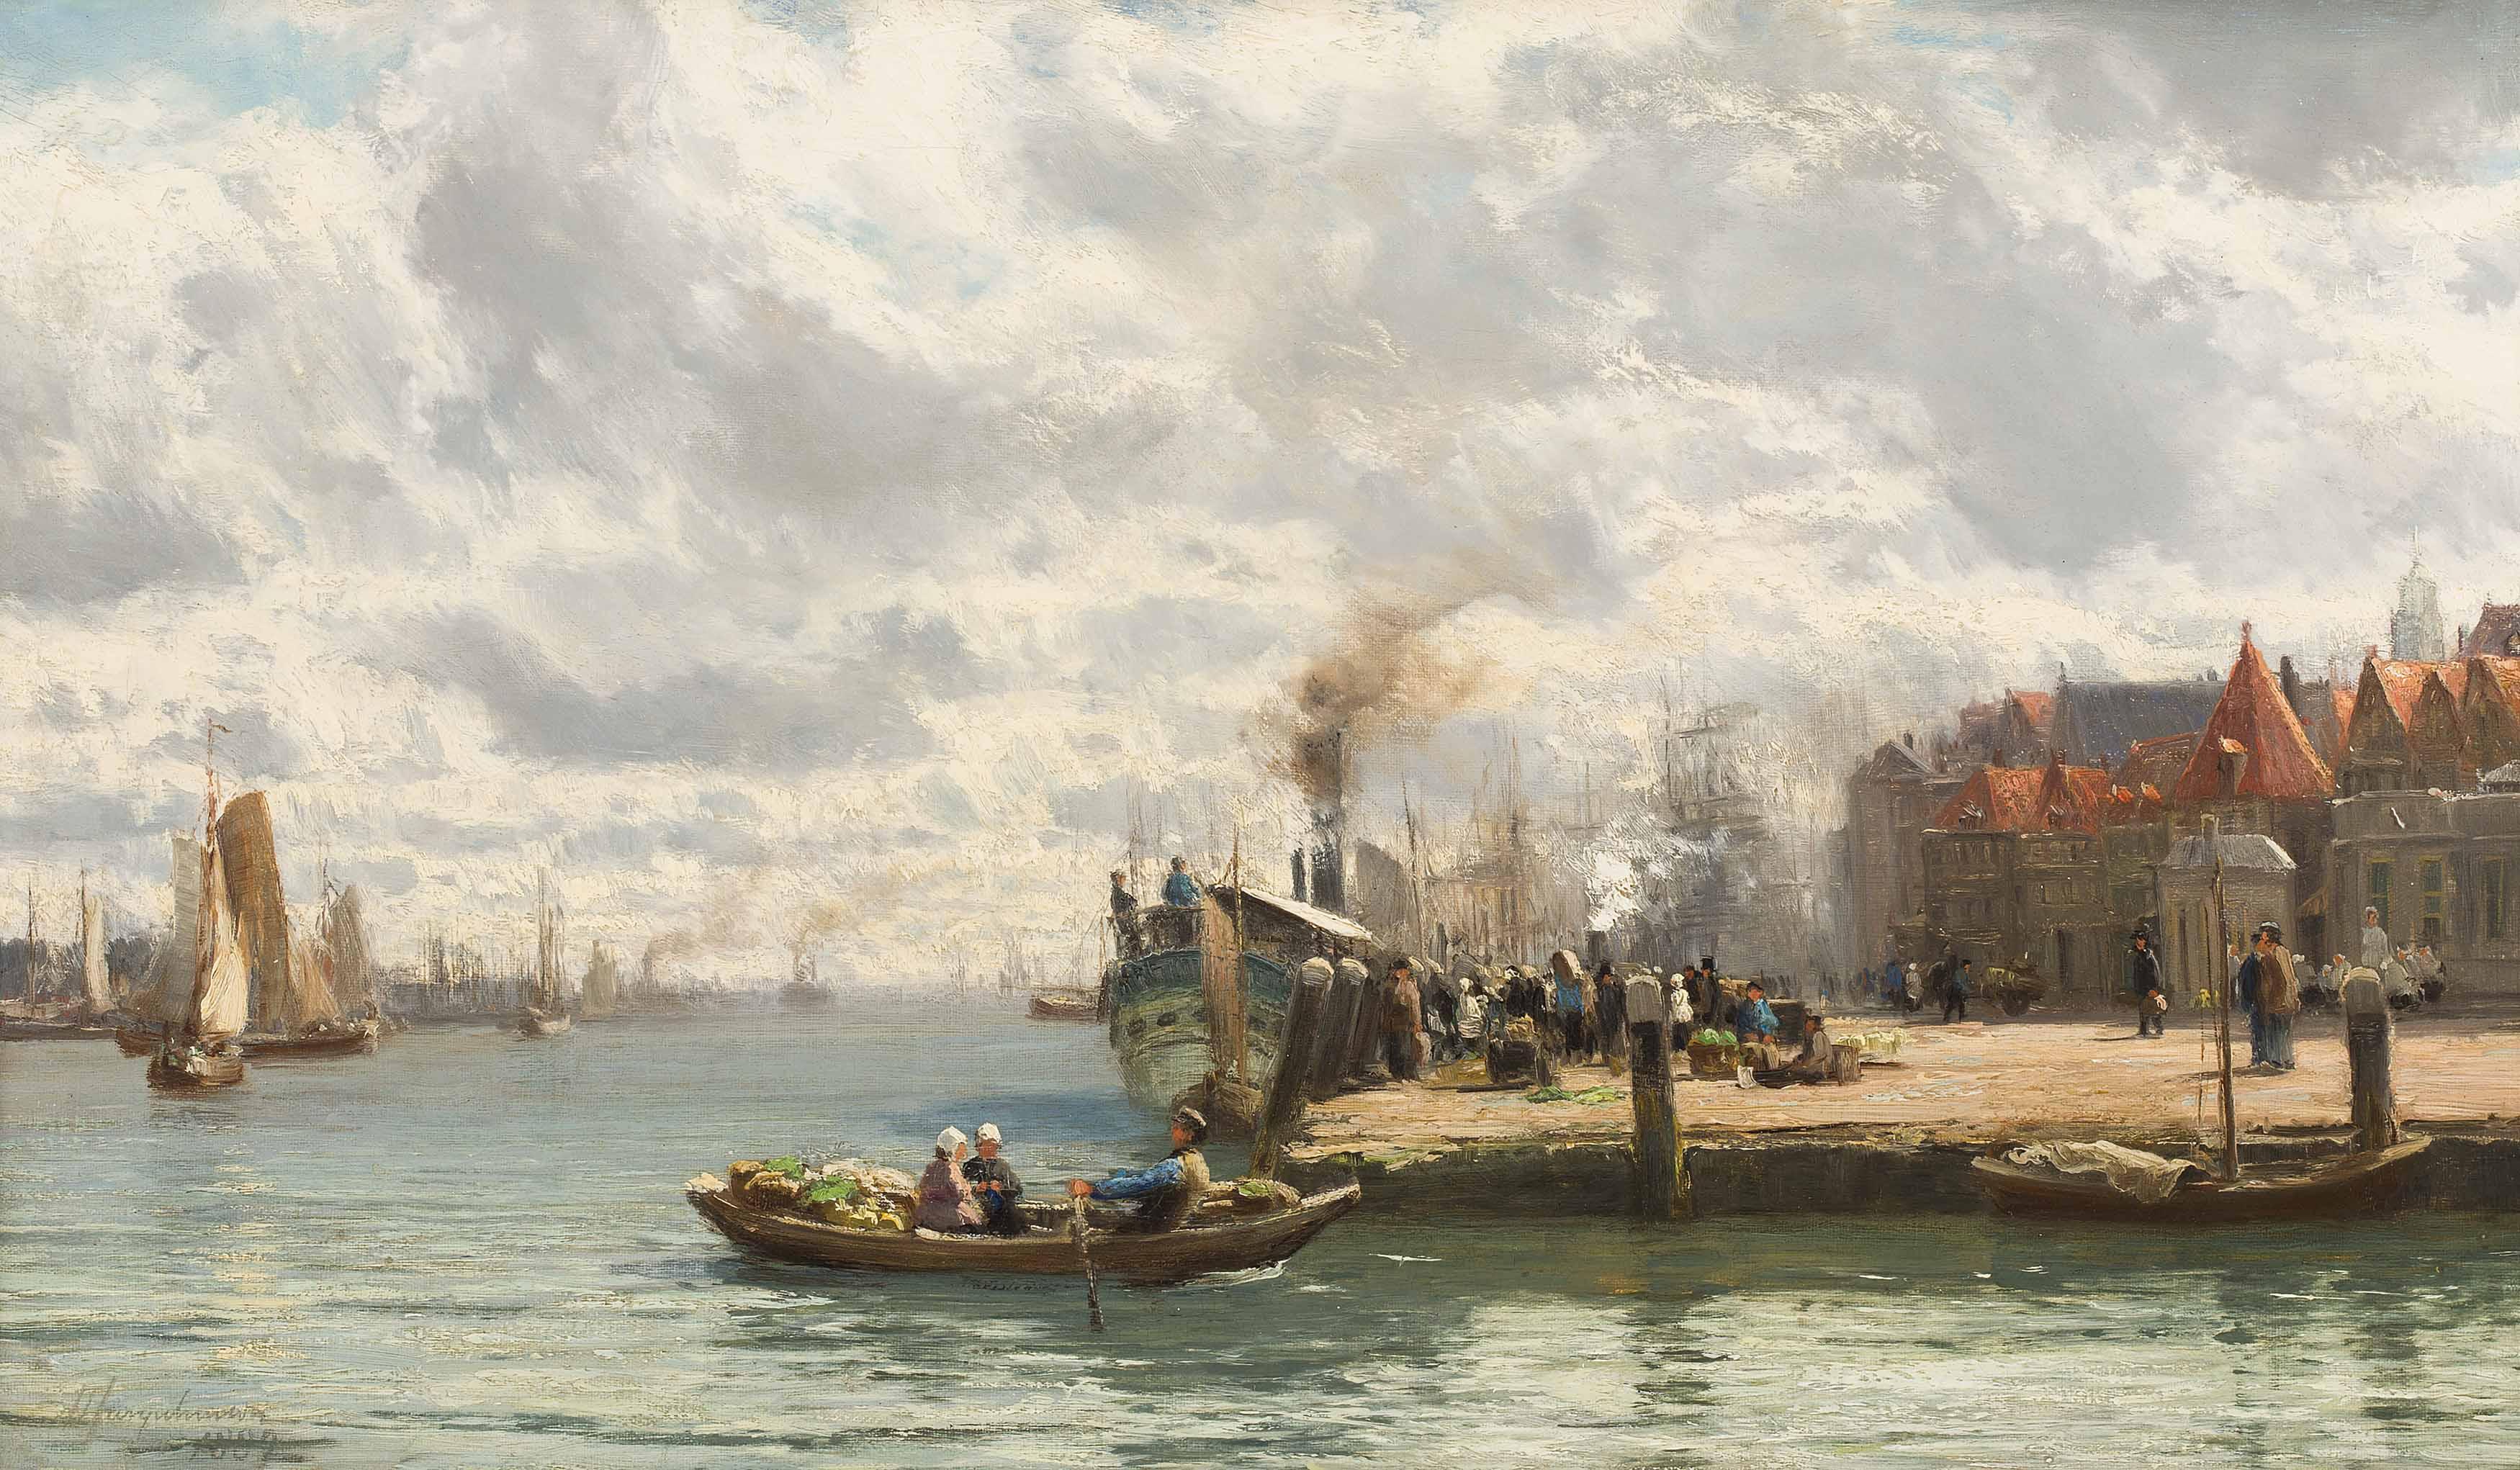 David Farquharson | A Busy Harbour Scene